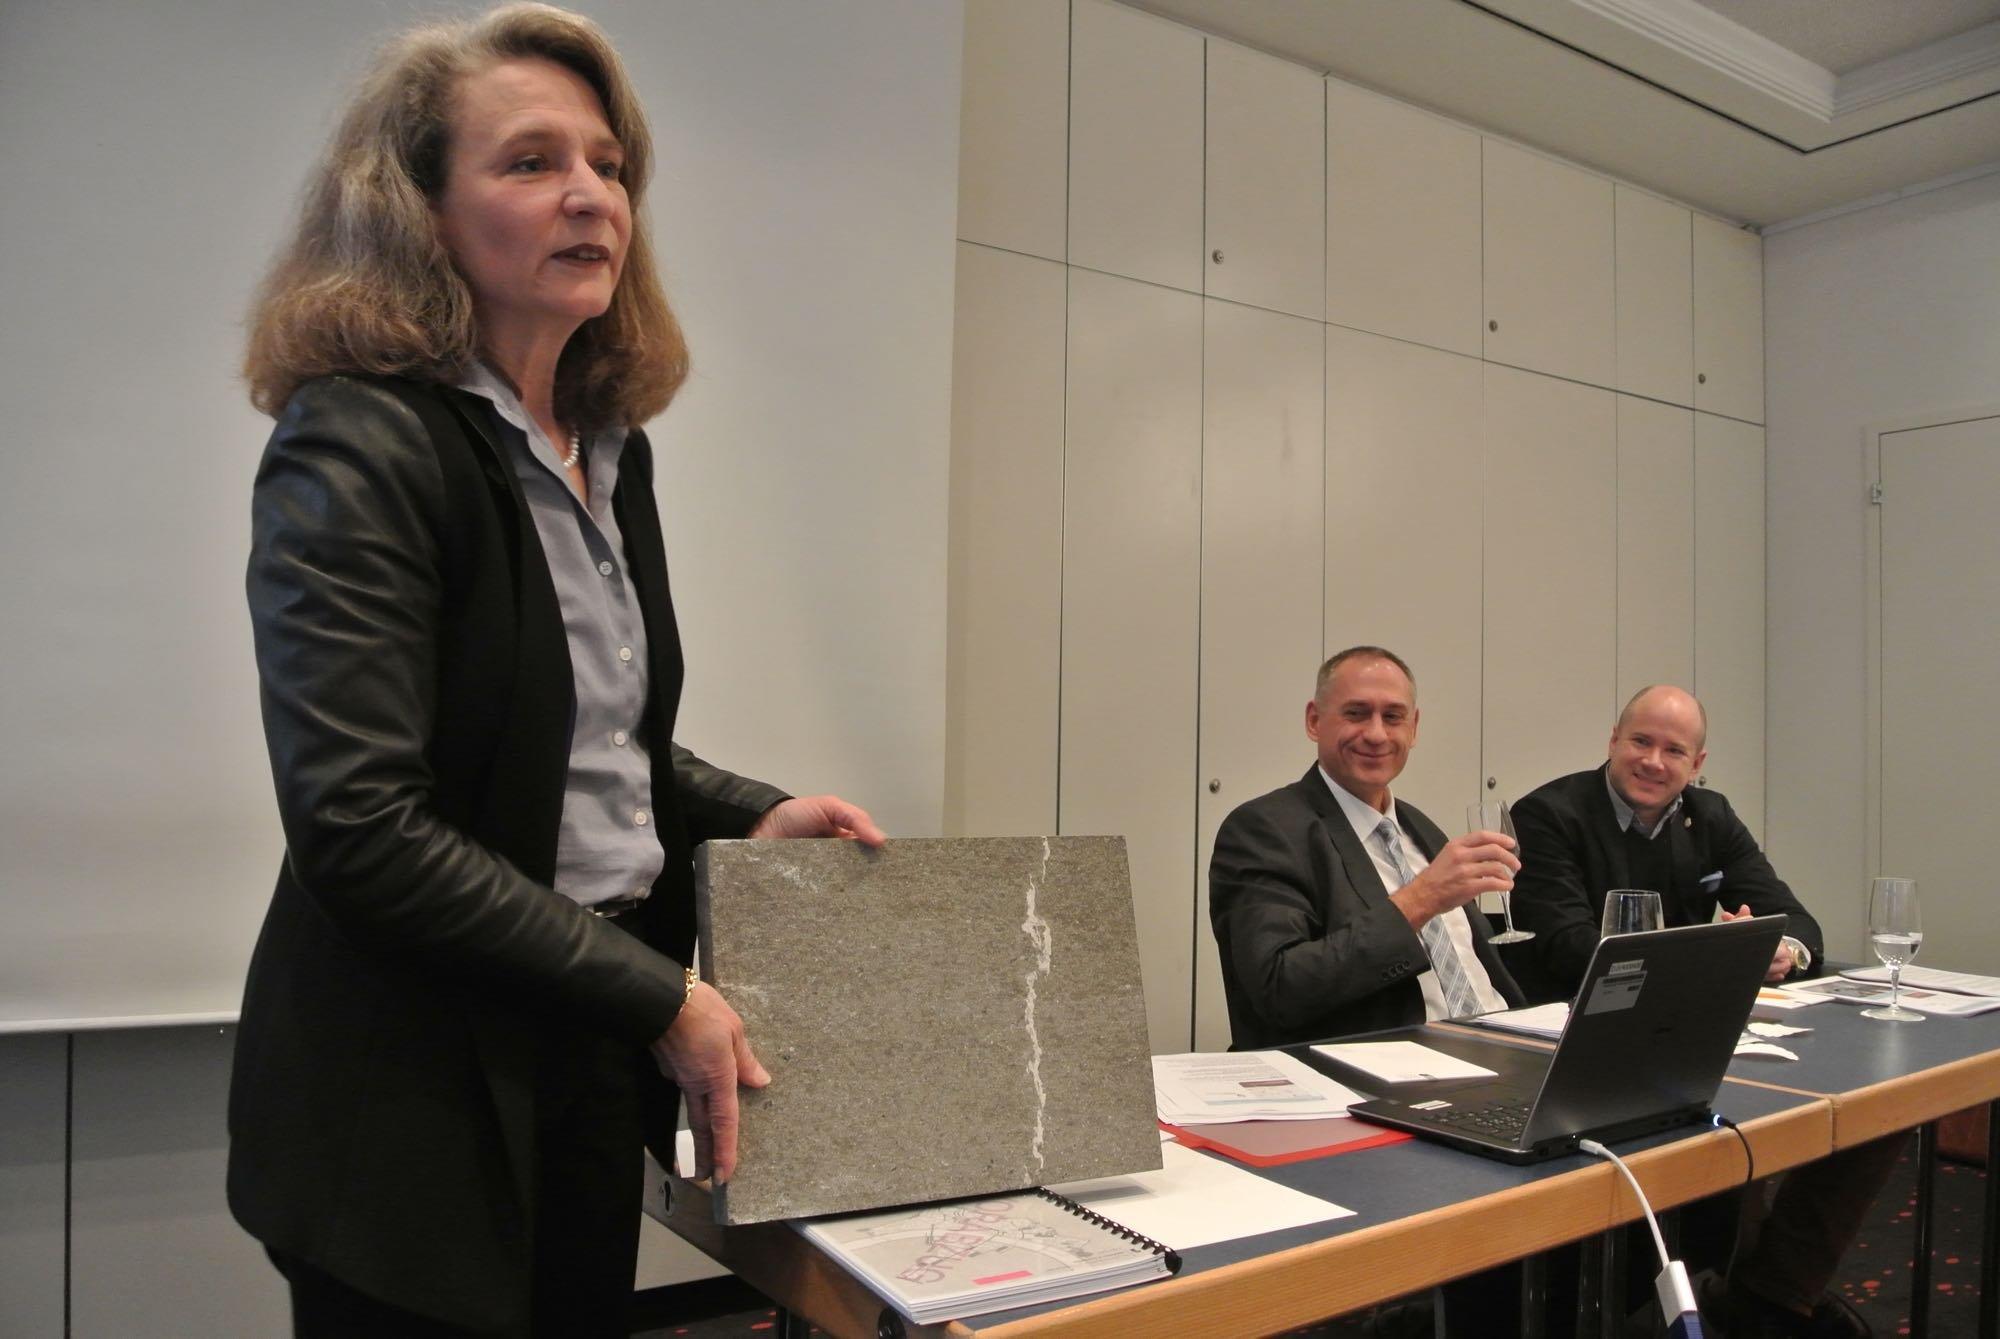 Das ist der zukünftige Belag der Grünpfahlgasse: Martina Münch, Leiterin Gestaltung Stadtraum im Planungsamt mit einer Platte aus Alpnacher Quarzsandstein.